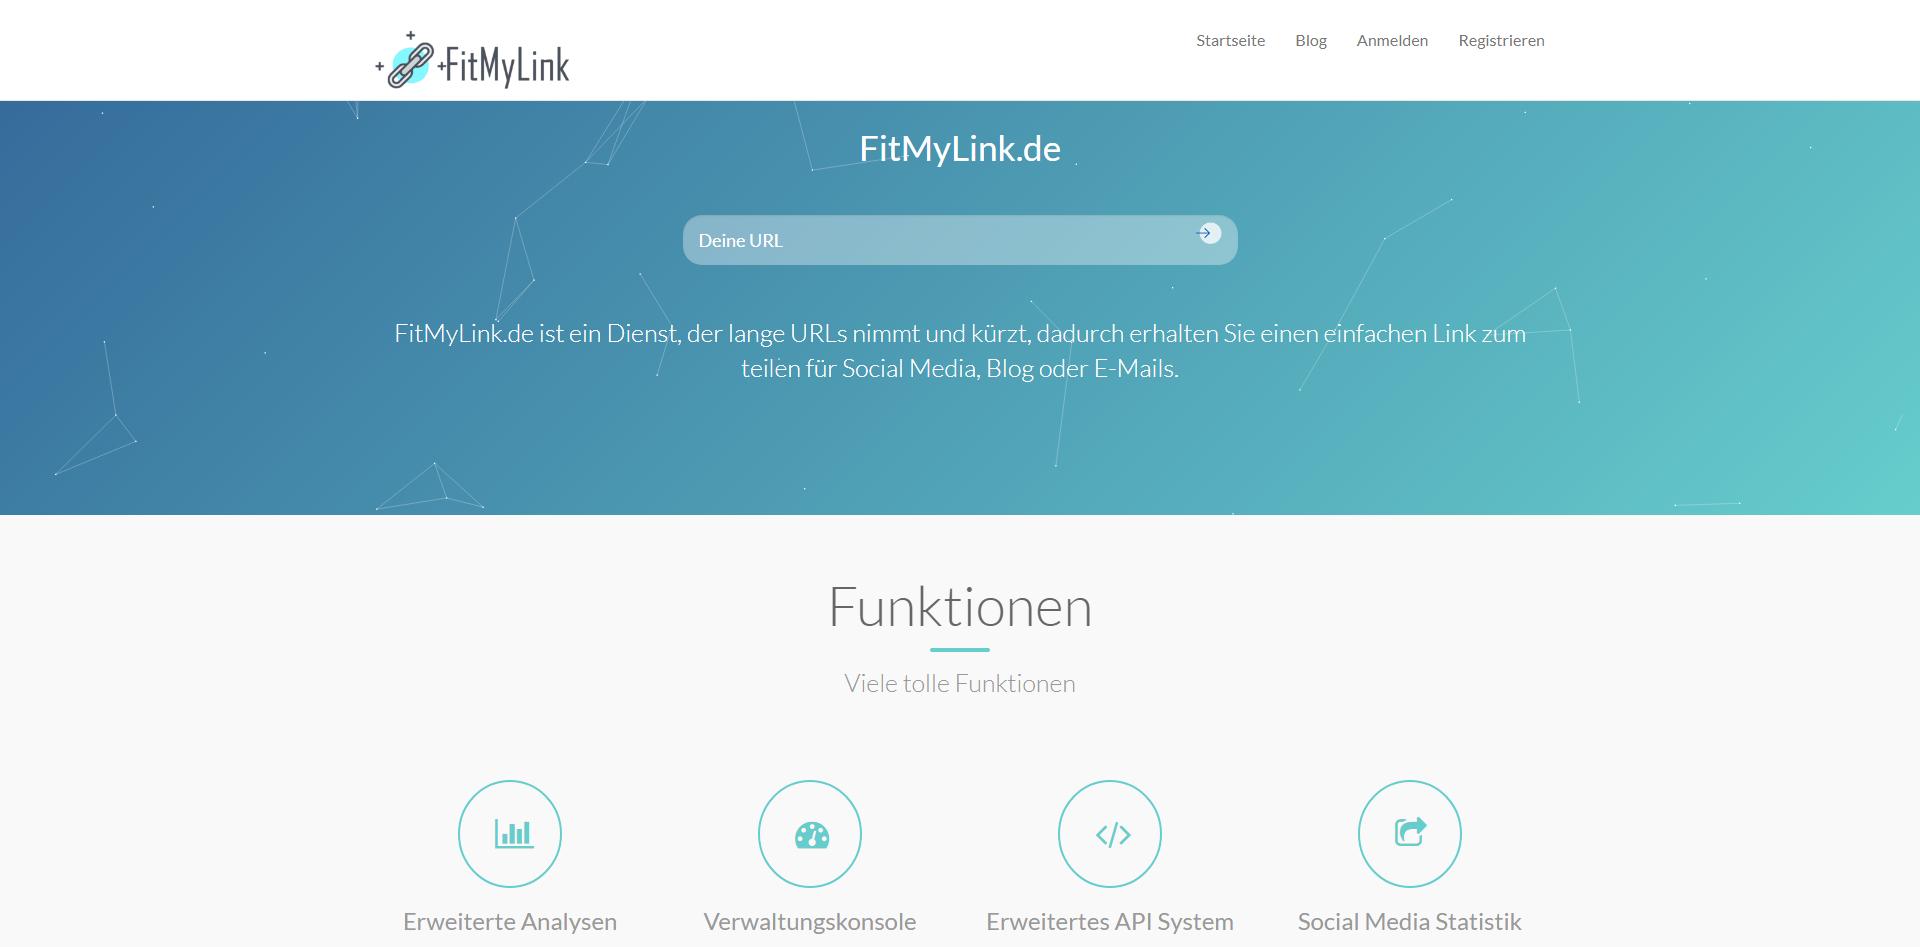 Neues Projekt: URLs kürzen, Klickstatistiken und vieles mehr. So funktioniert FitMyLink.de